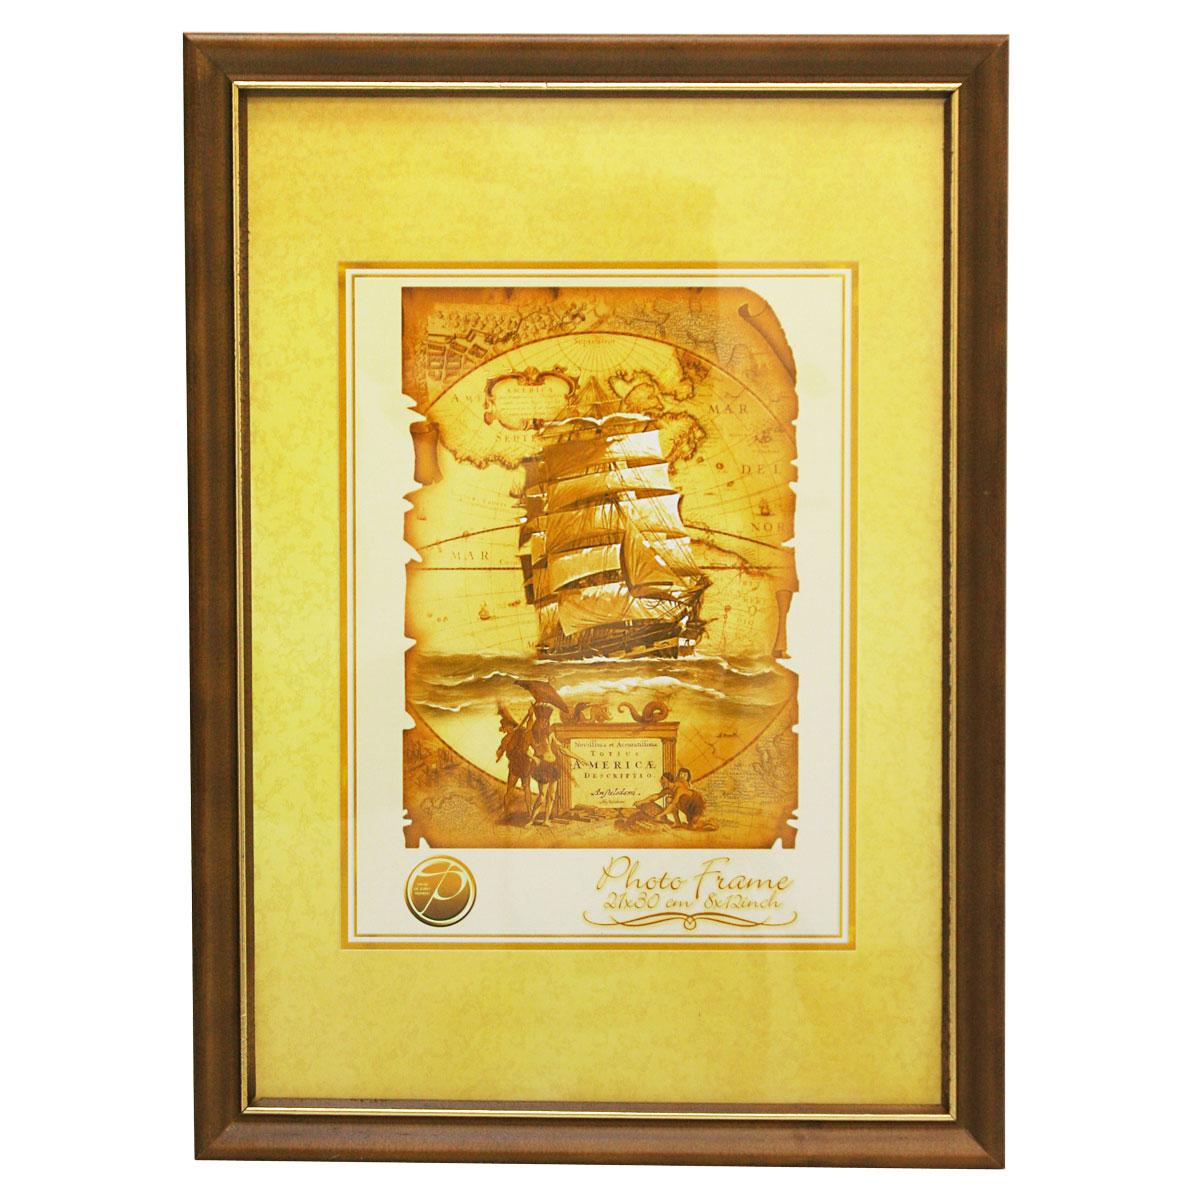 Фоторамка Pioneer Nancy, цвет: темно-коричневый, золотистый, 21 х 30 см6300155_тем. коричневыйФоторамка Pioneer Nancy выполнена из высококачественного дерева и стекла, защищающего фотографию. Оборотная сторона рамки оснащена специальной ножкой, благодаря которой ее можно поставить на стол или любое другое место в доме или офисе. Также на изделии имеются два специальных отверстия для подвешивания. Такая фоторамка поможет вам оригинально и стильно дополнить интерьер помещения, а также позволит сохранить память о дорогих вам людях и интересных событиях вашей жизни. Размер фотографии: 21 см х 30 см.